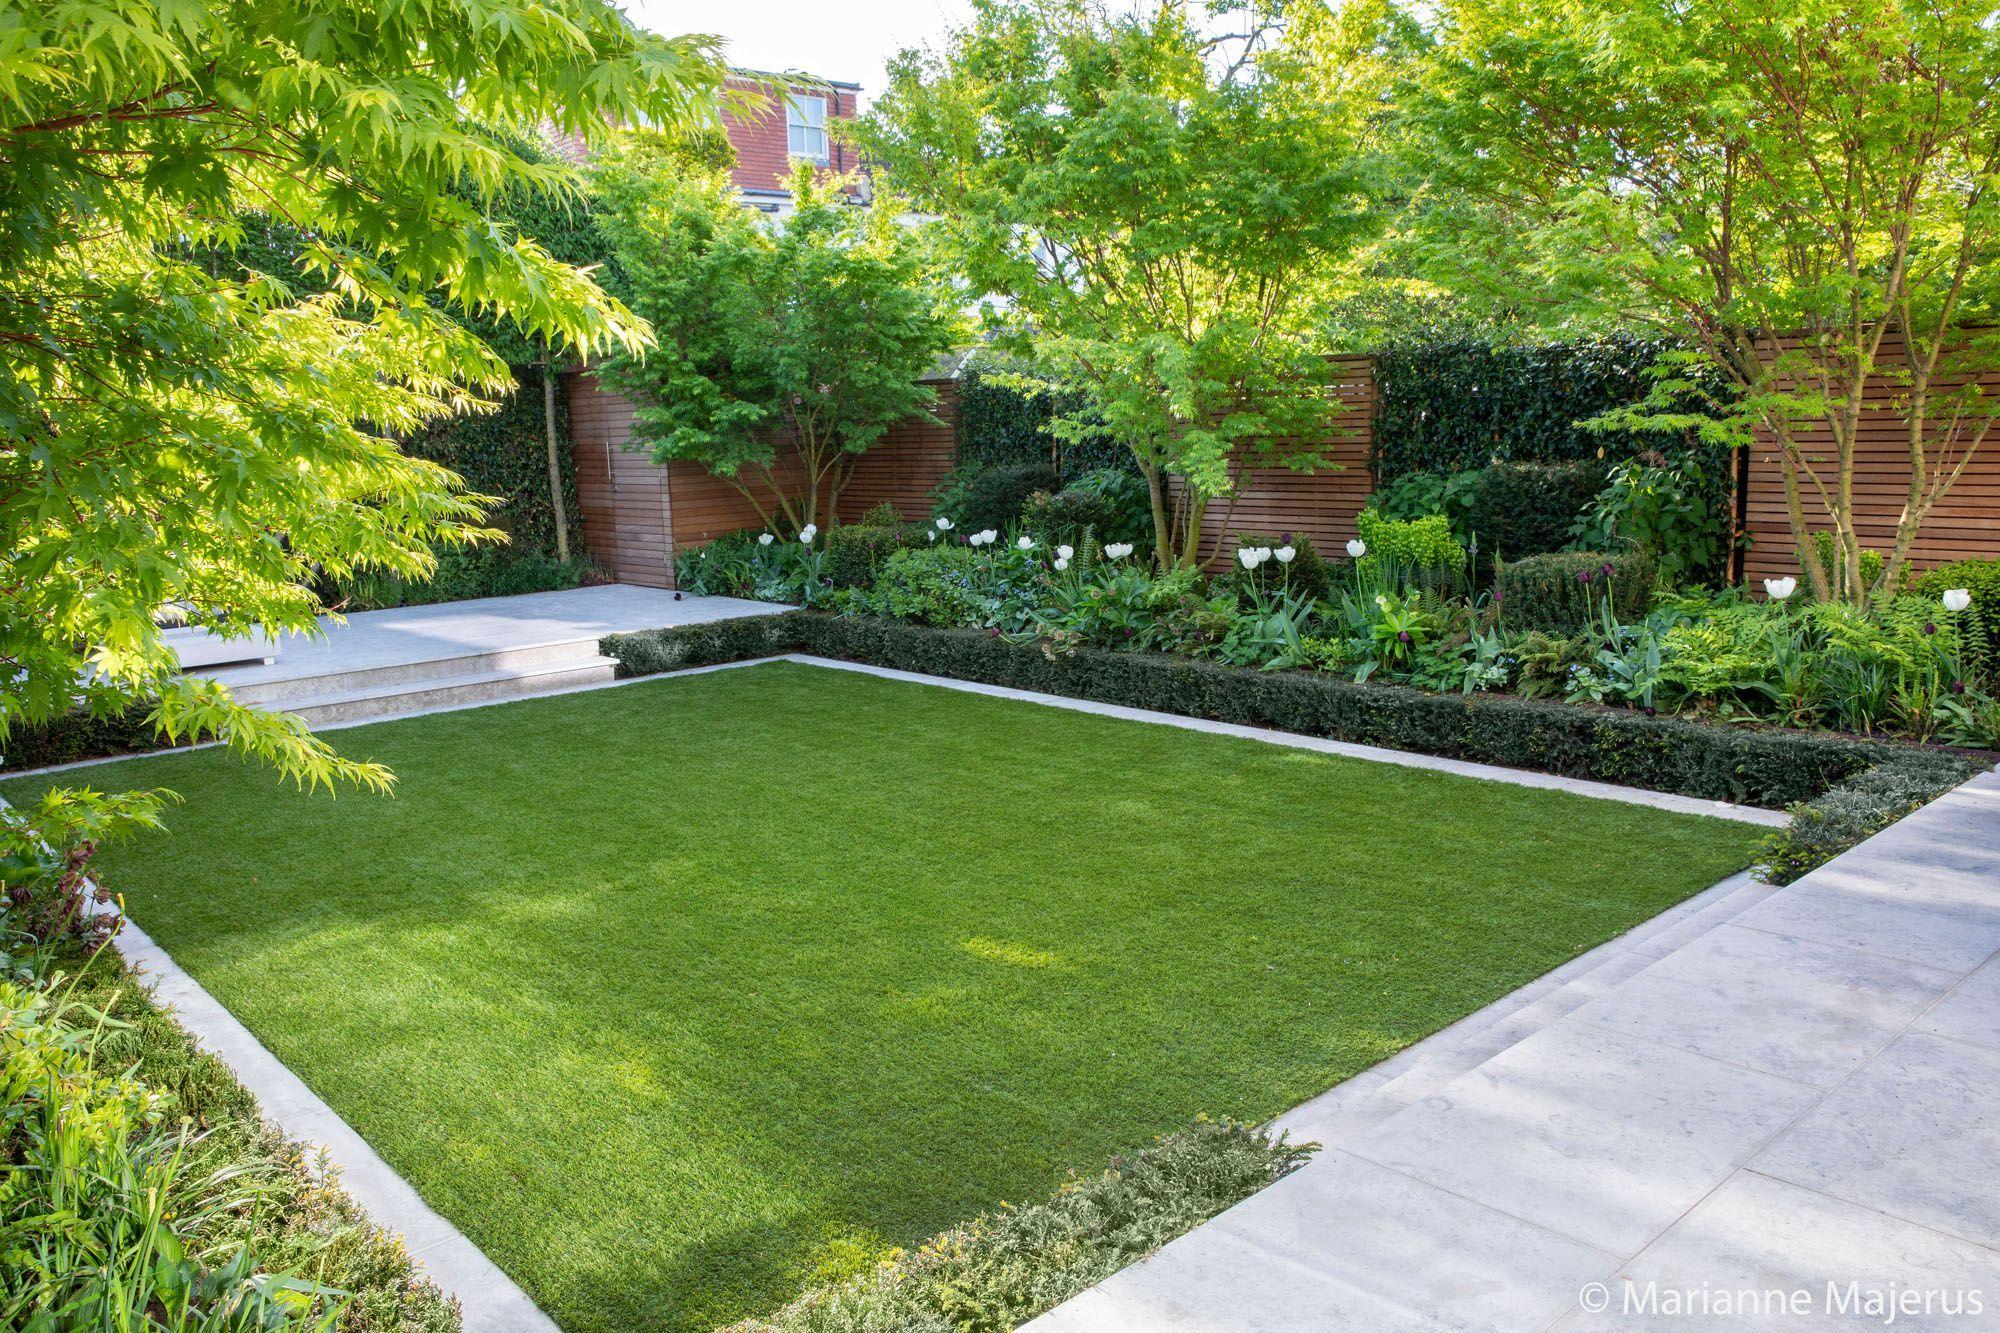 East Sheen Family Garden Garden Design Landscaping Project Back Garden Design Modern Garden Landscaping Outdoor Gardens Design